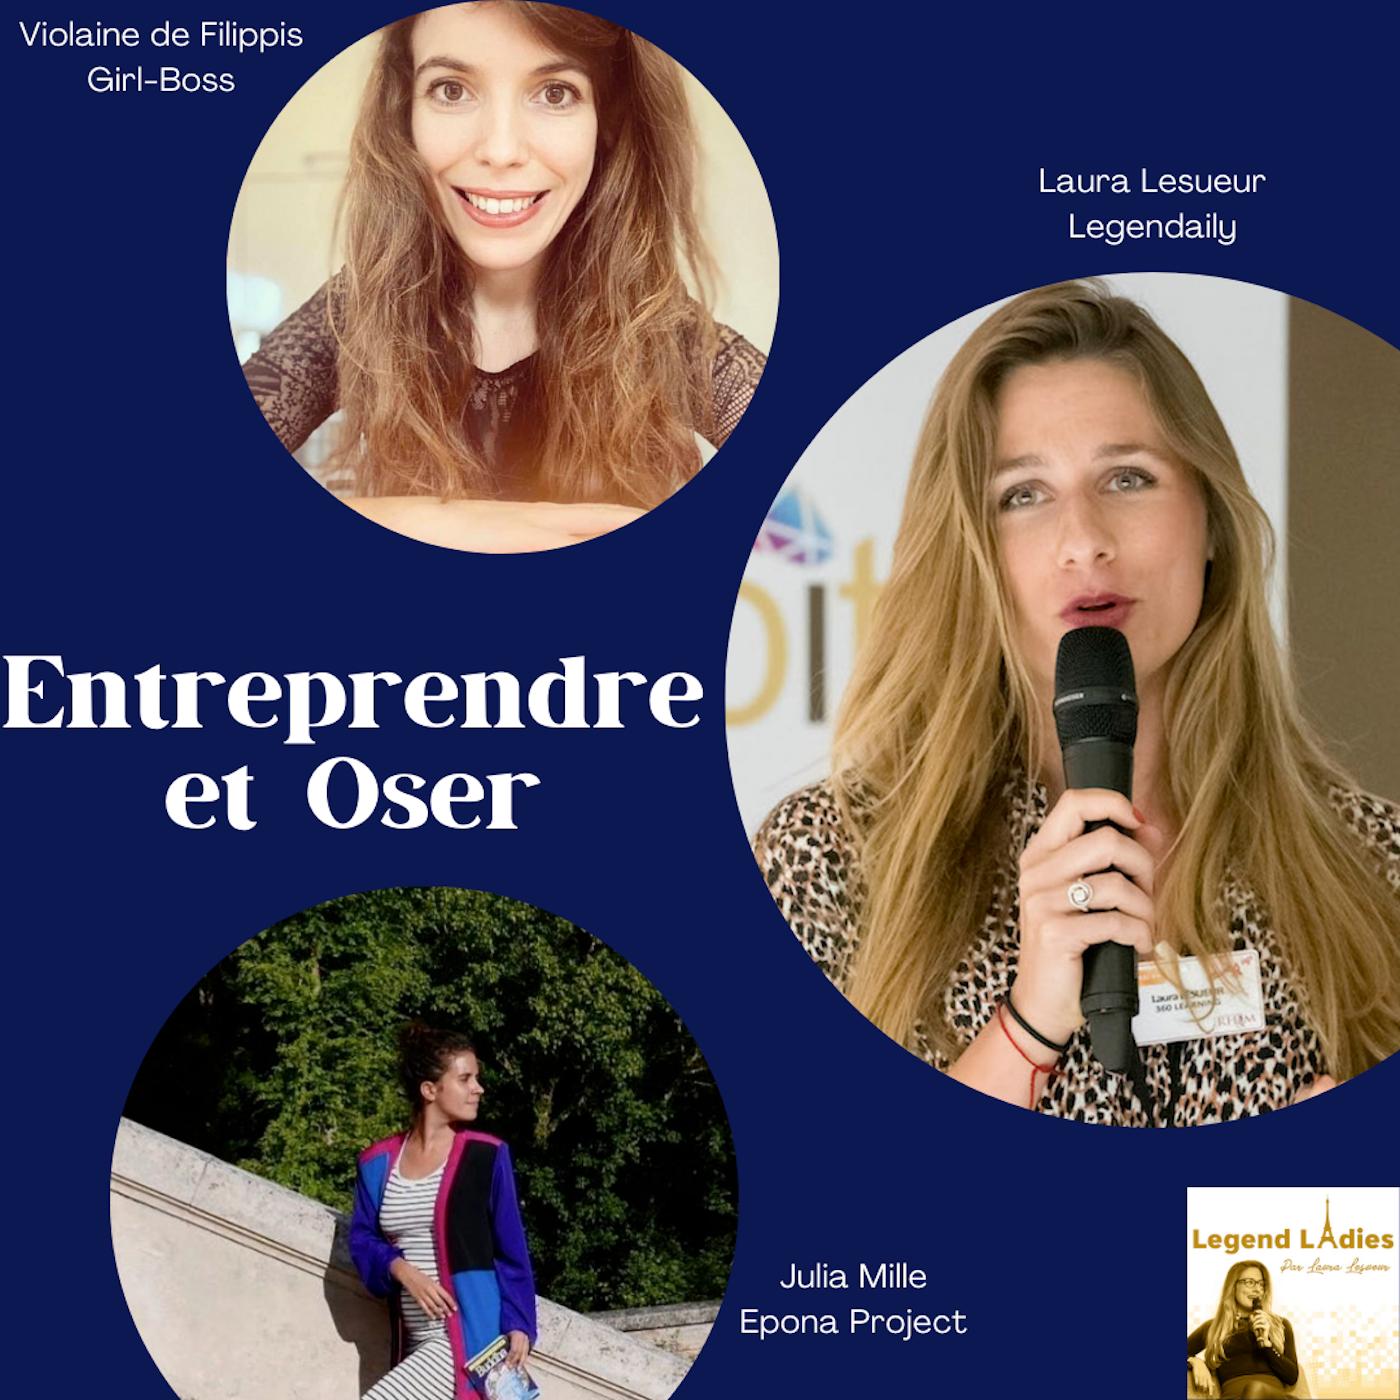 HORS SÉRIE: Conseils pour entrepreneures et intrapreneures Girl-Boss X Epona X Legendaily